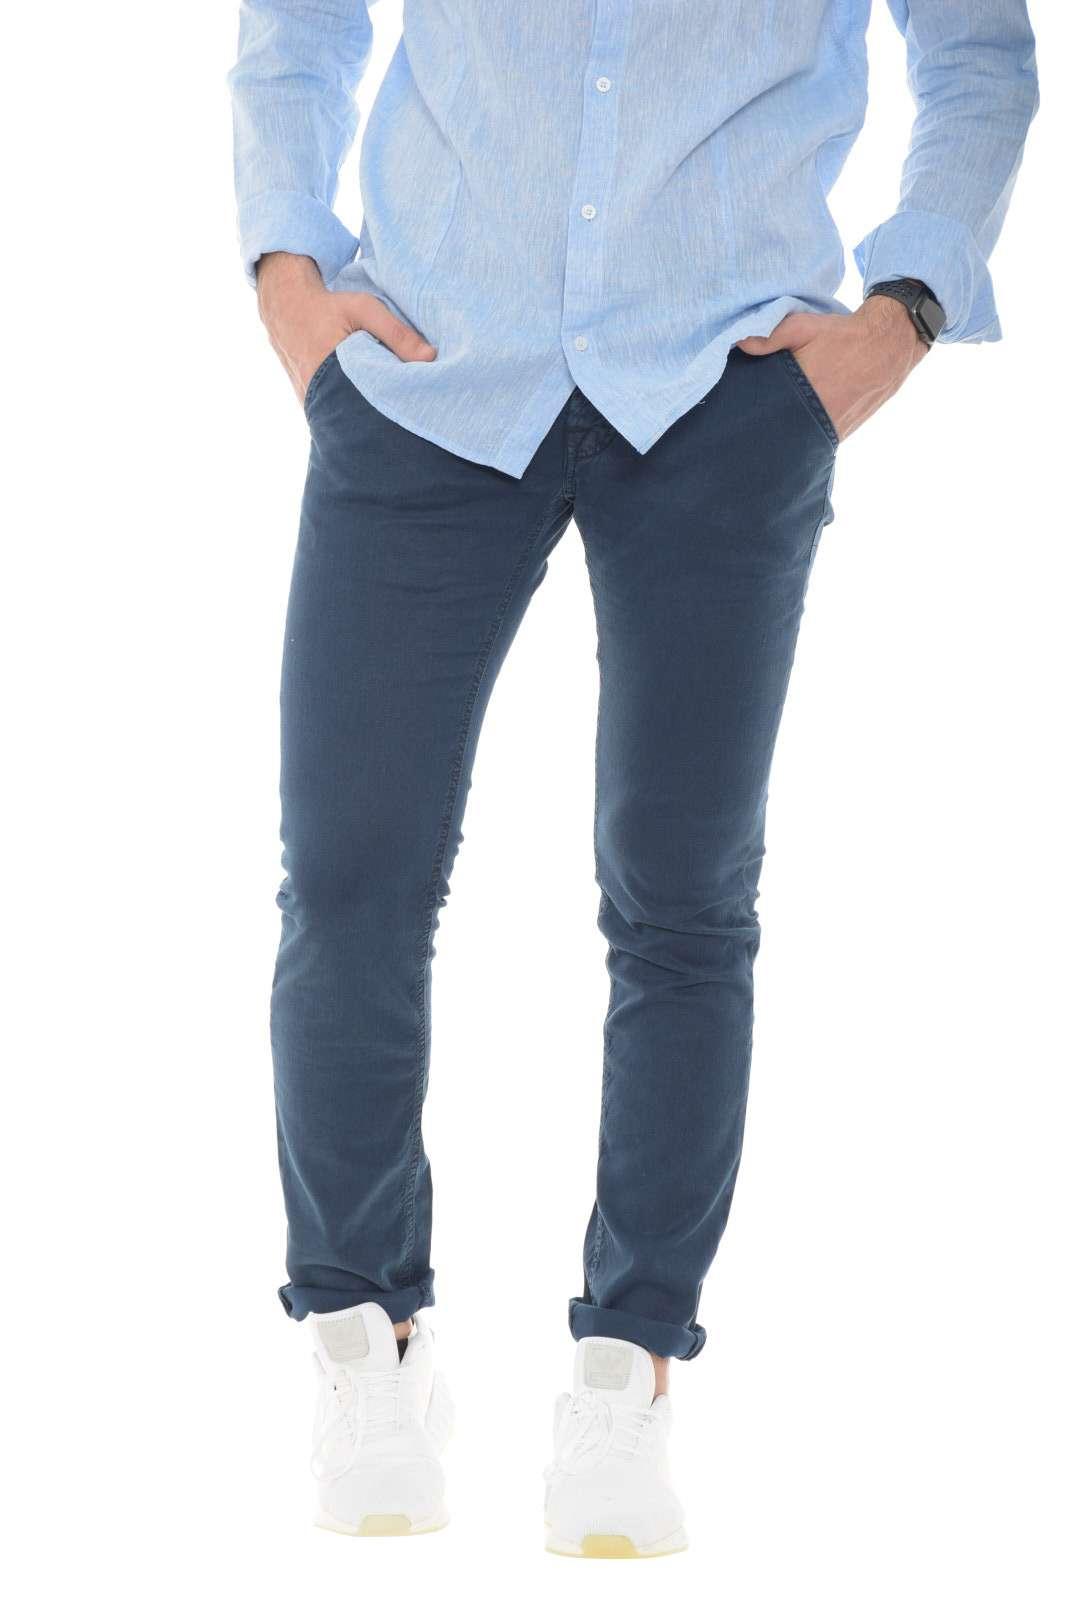 Scopri il nuovo jeans della collezione di Jacob Cohen. Semplice e leggero, perfetto per le calde giornate estive. Da abbinare ad una sneaker e una t shirt è un must have.